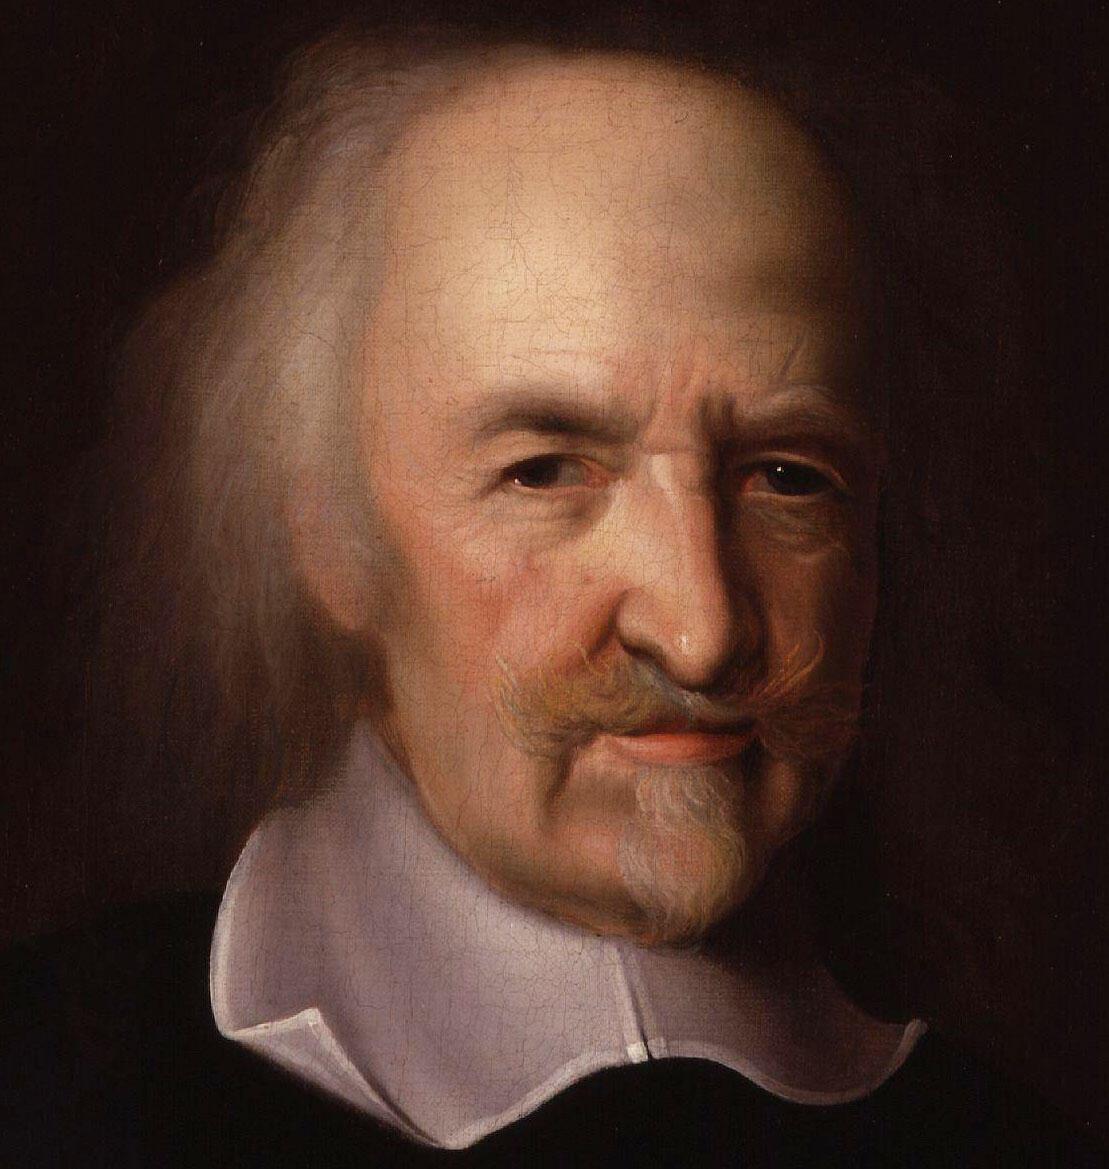 រូបគំនូរបង្ហាញពីទស្សនវិទូ ថូម៉ាស់ ហបស៍ (Thomas Hobbes)